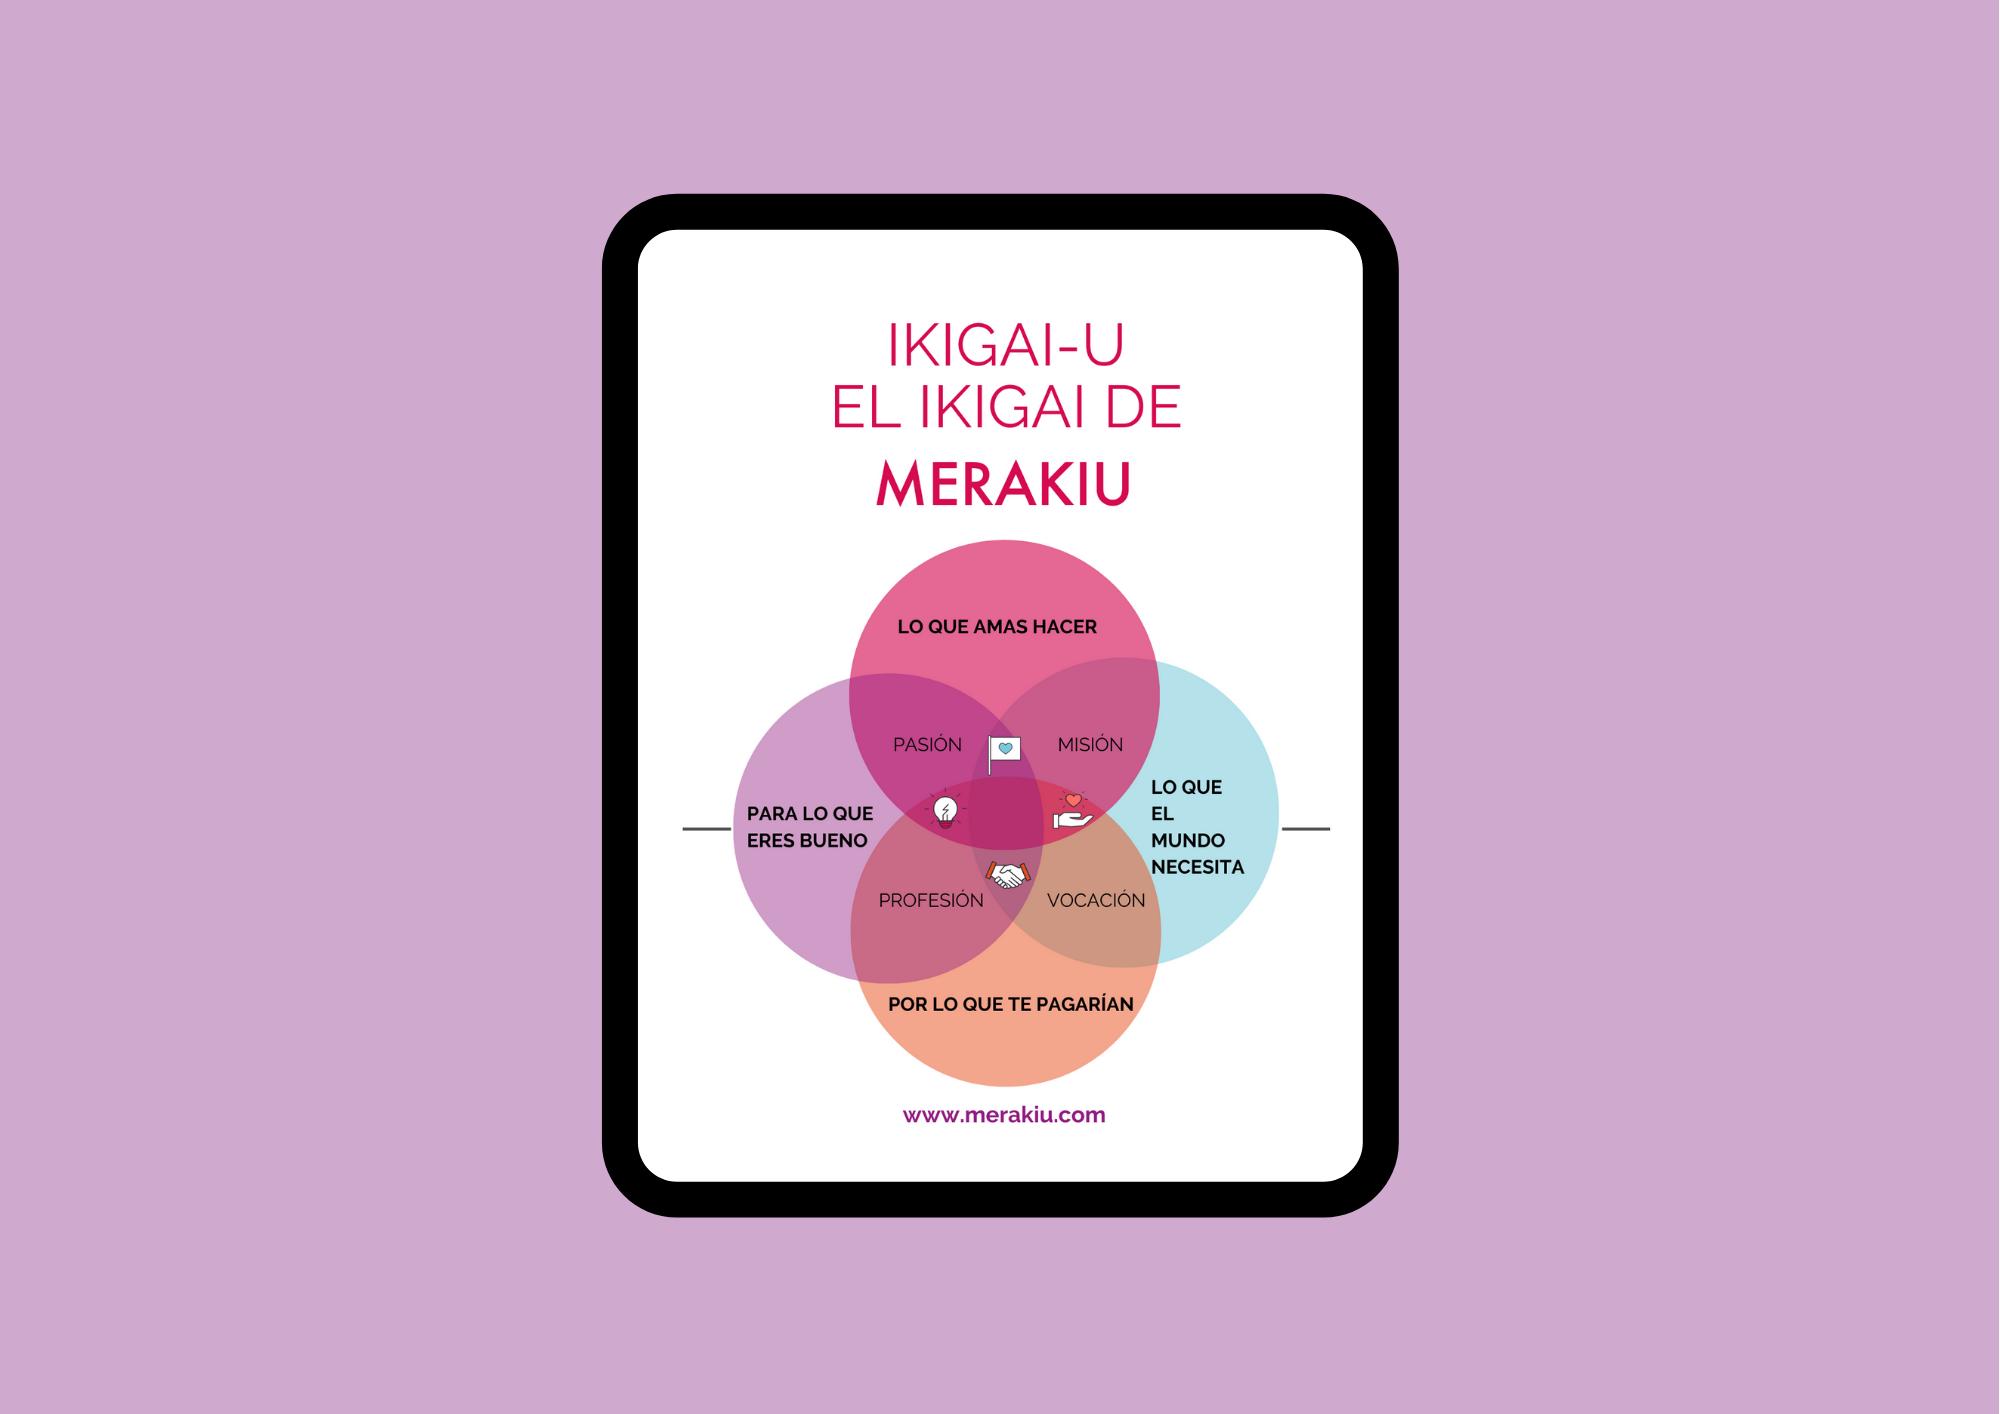 IKIGAI-U Merakiu